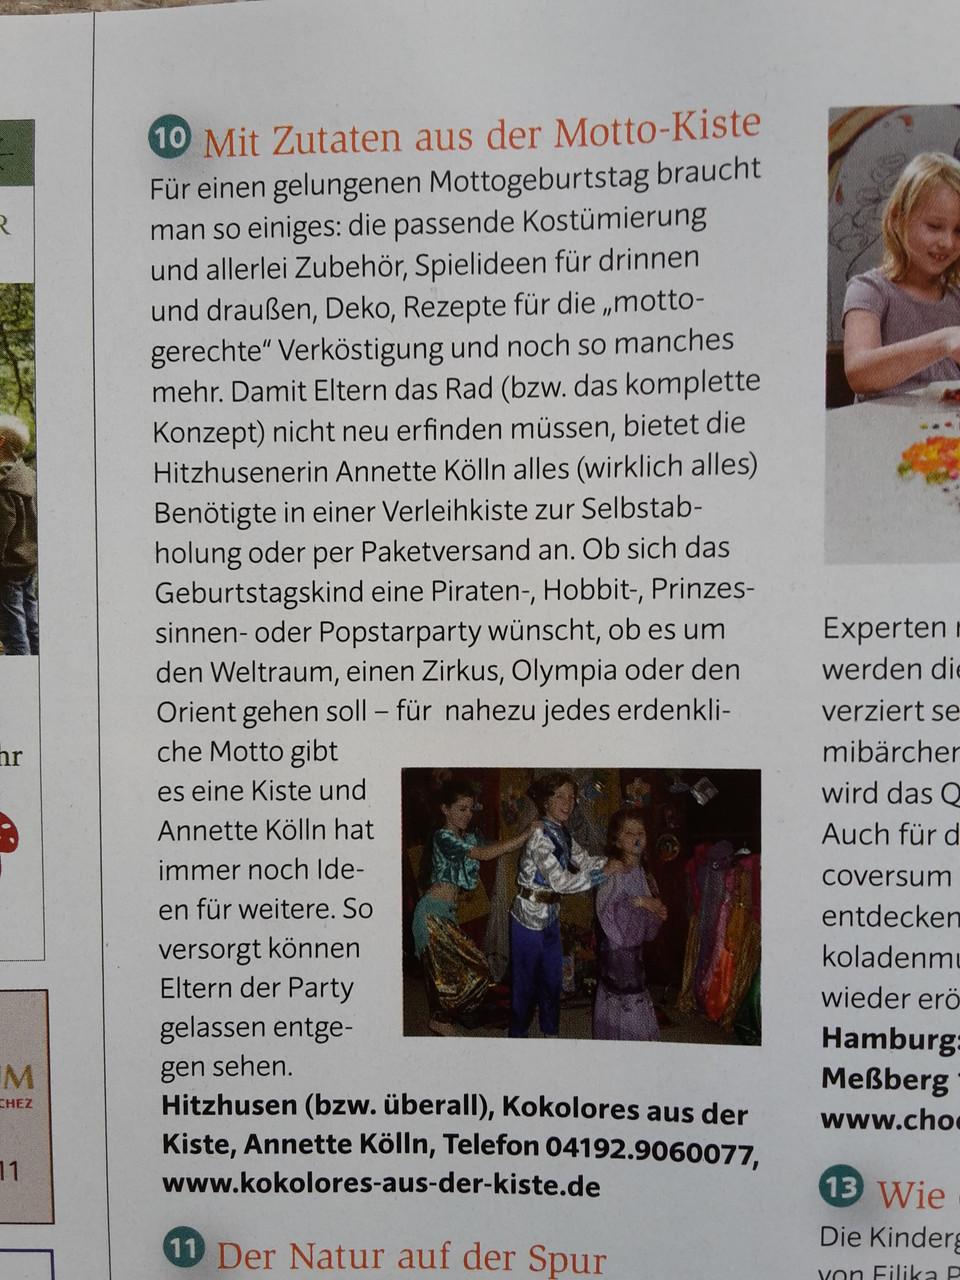 Artikel über Kokolores-aus-der-Kiste.de im Sonderteil Kindergeburtstage des Krabauter-Magazins